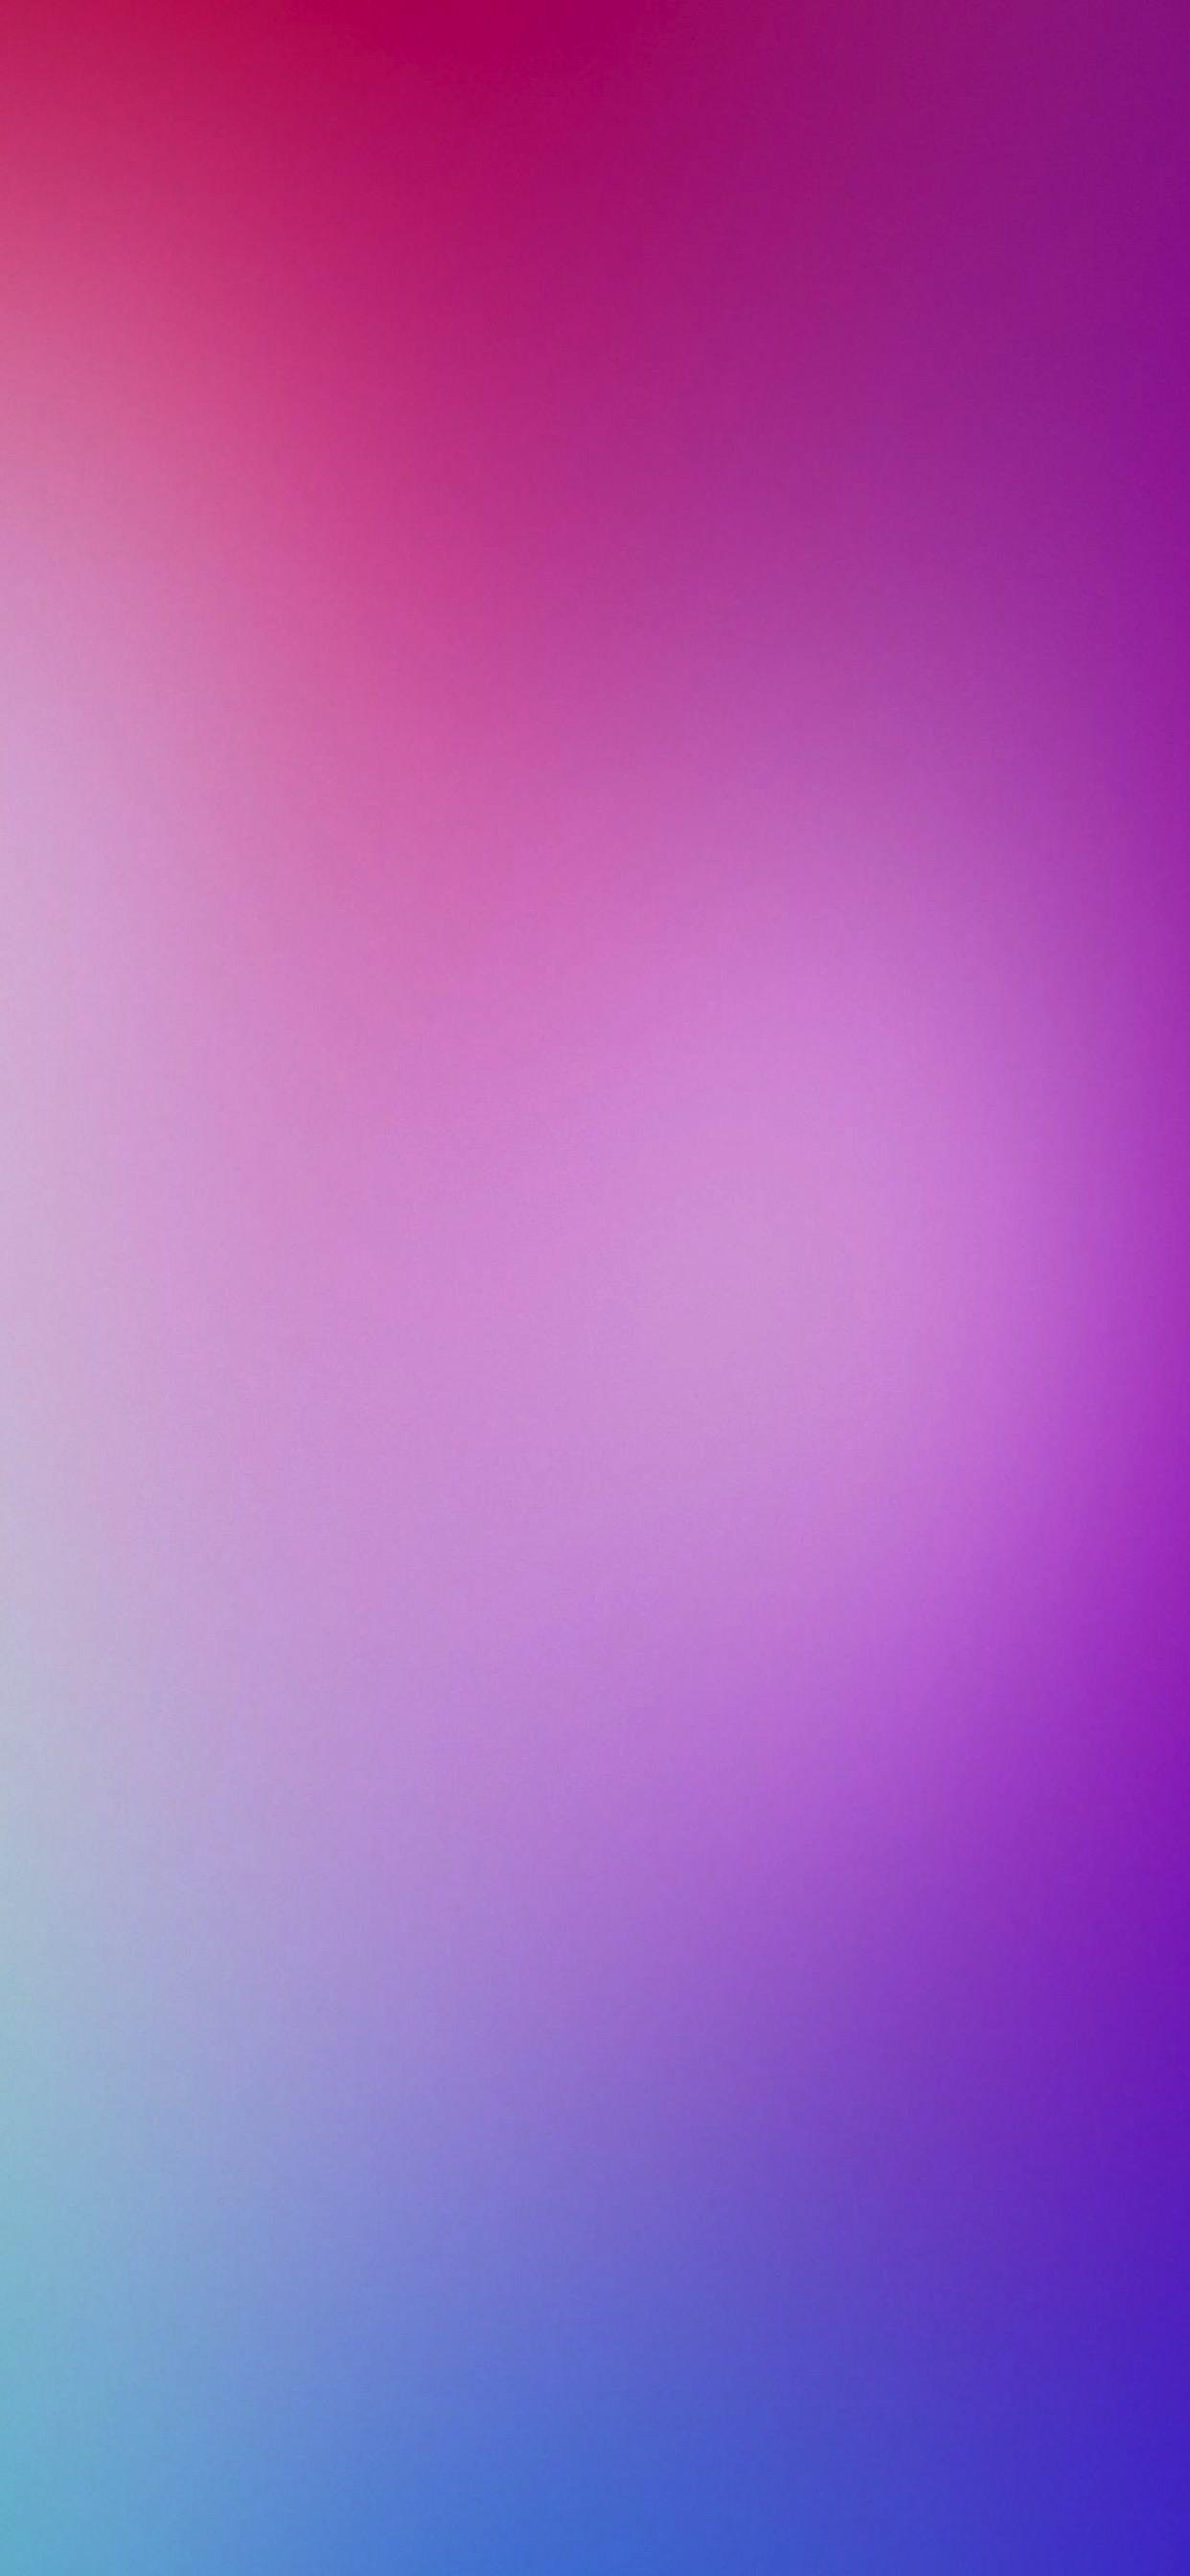 Unduh 51+ Wallpaper Lucu Warna Ungu Gambar Gratis Terbaik